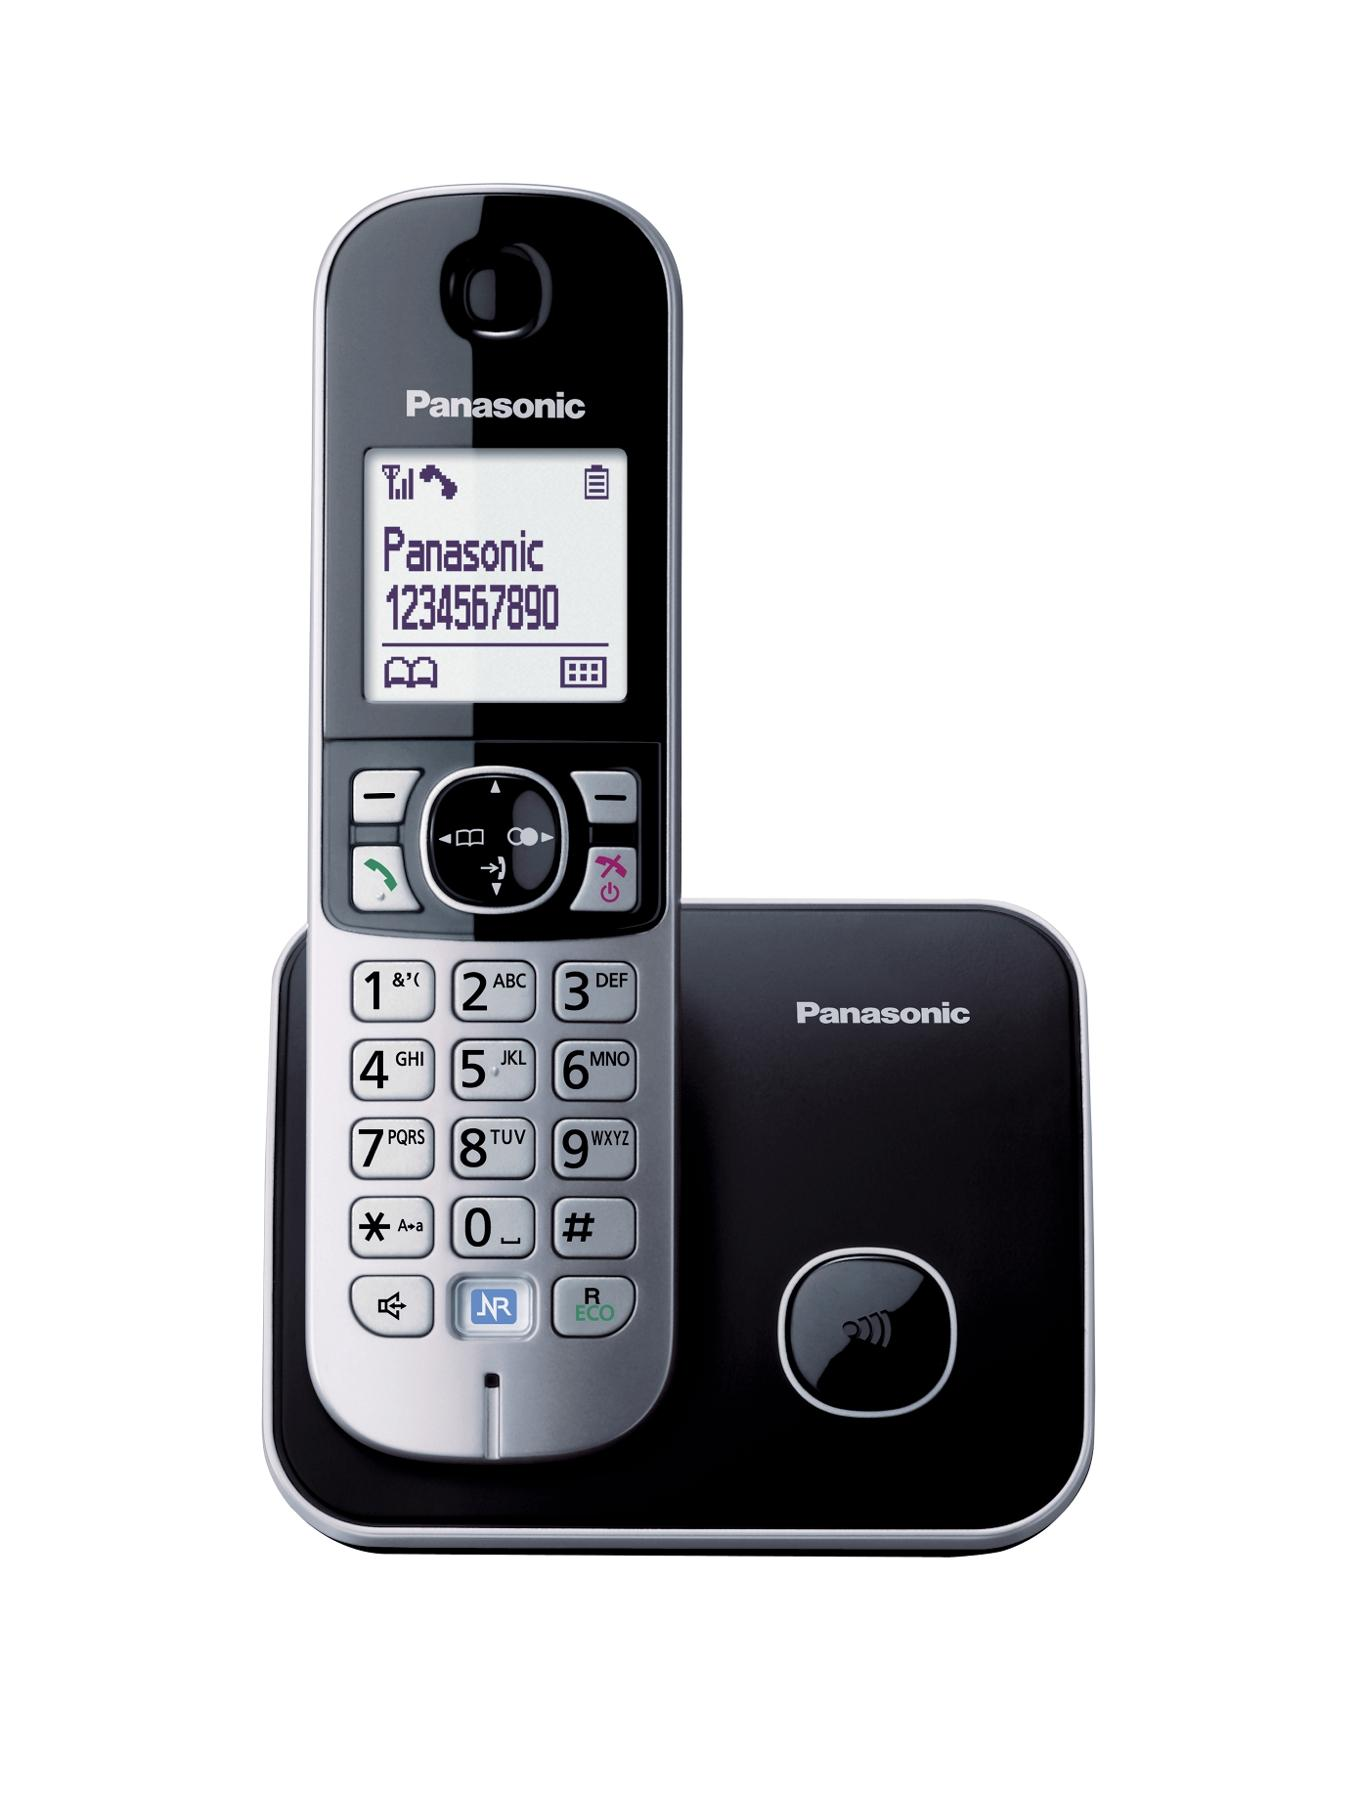 Panasonic KX-TG6811EB Single DECT Cordless Telephone - Black